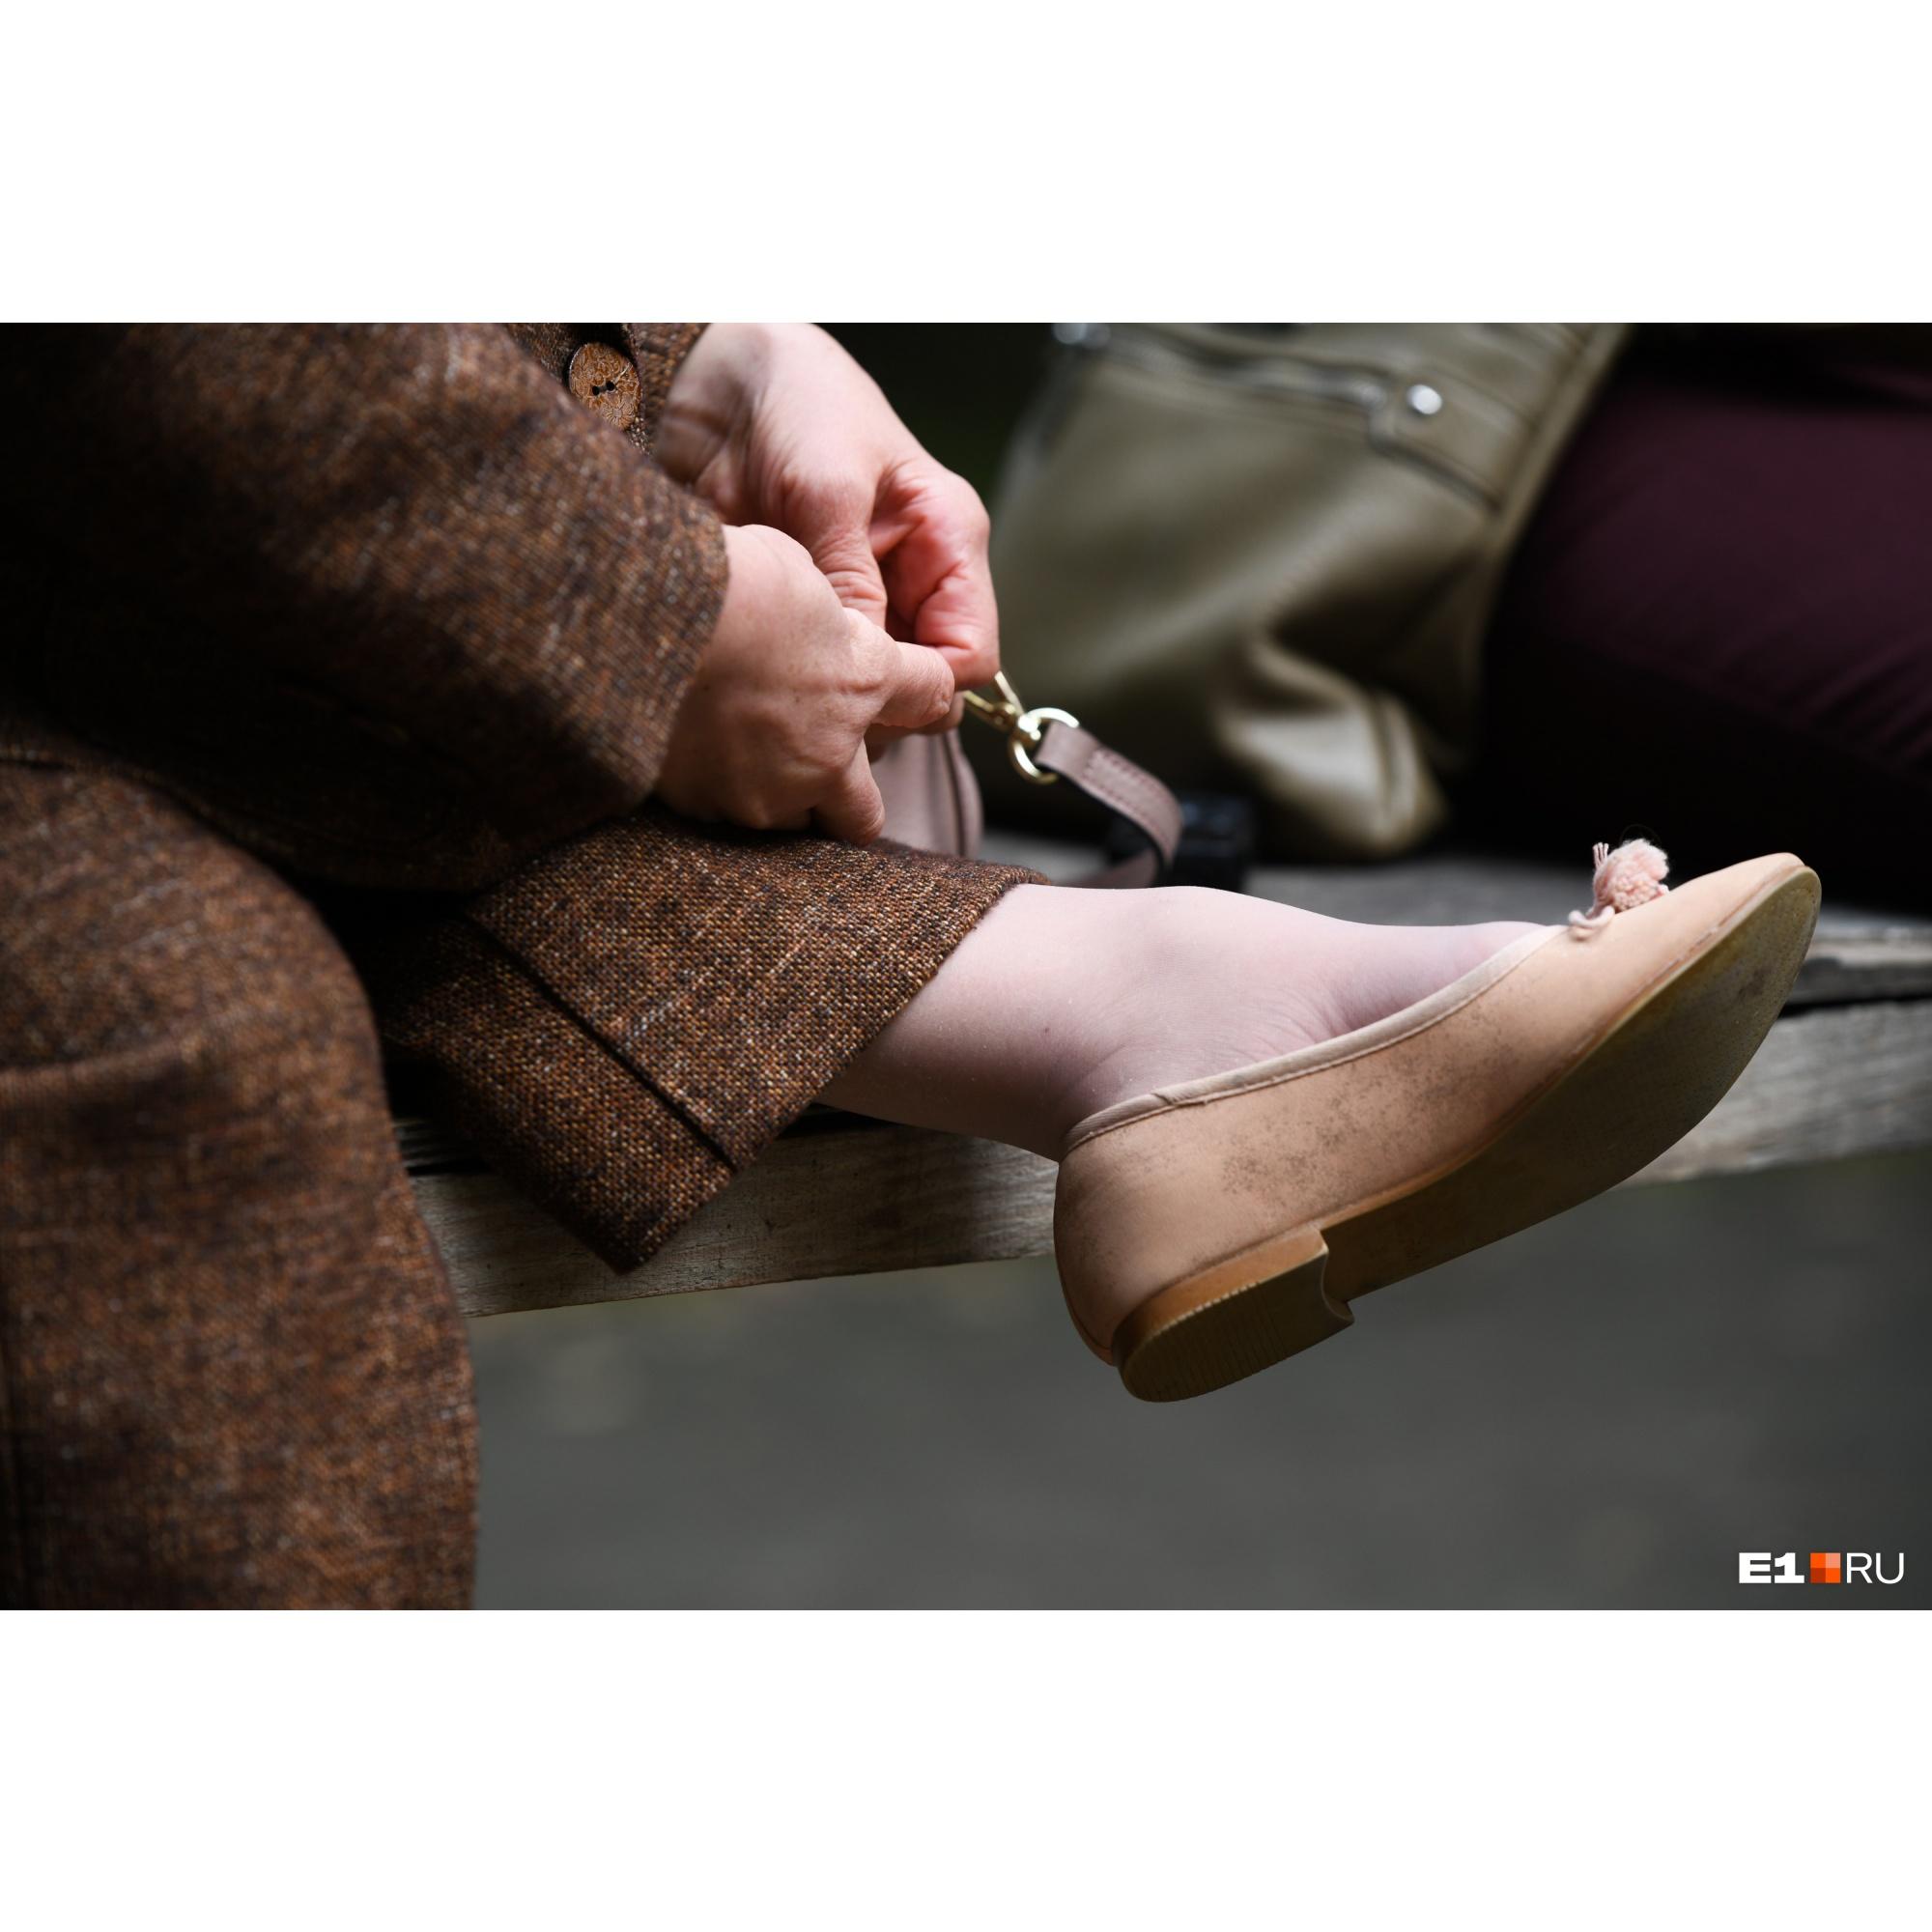 Фасоны нарядов и ткани Екатерина выбирает сама, а шьет их портниха